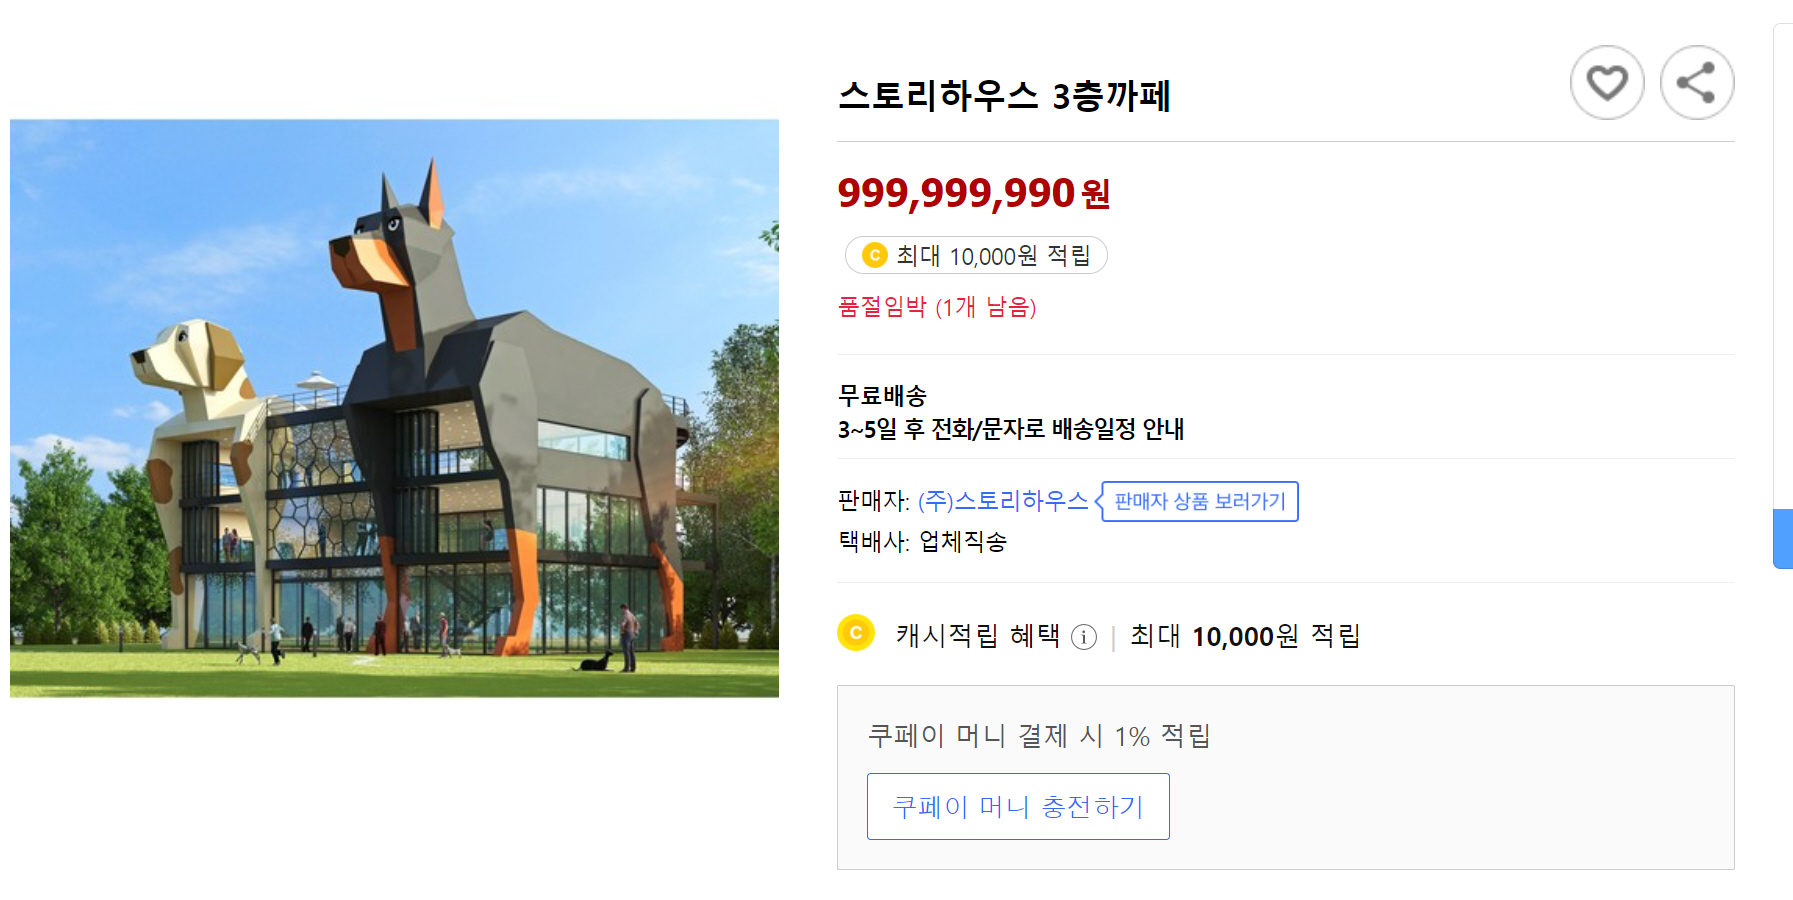 쿠팡에서 판매되고 있는 10억짜리 건물